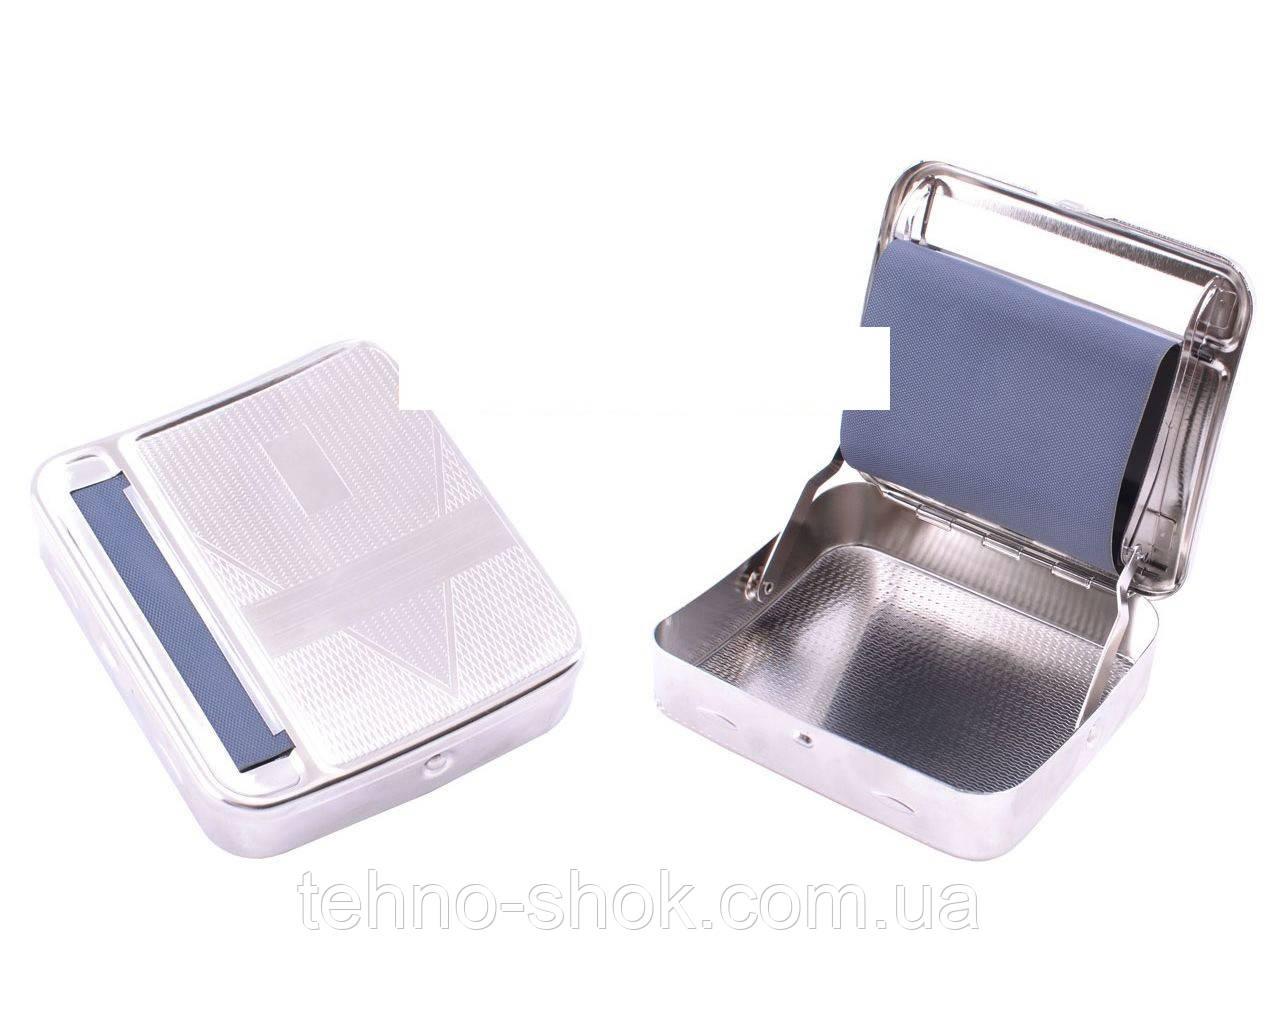 Портсигар с автоматической машинкой для самокруток (Металл)